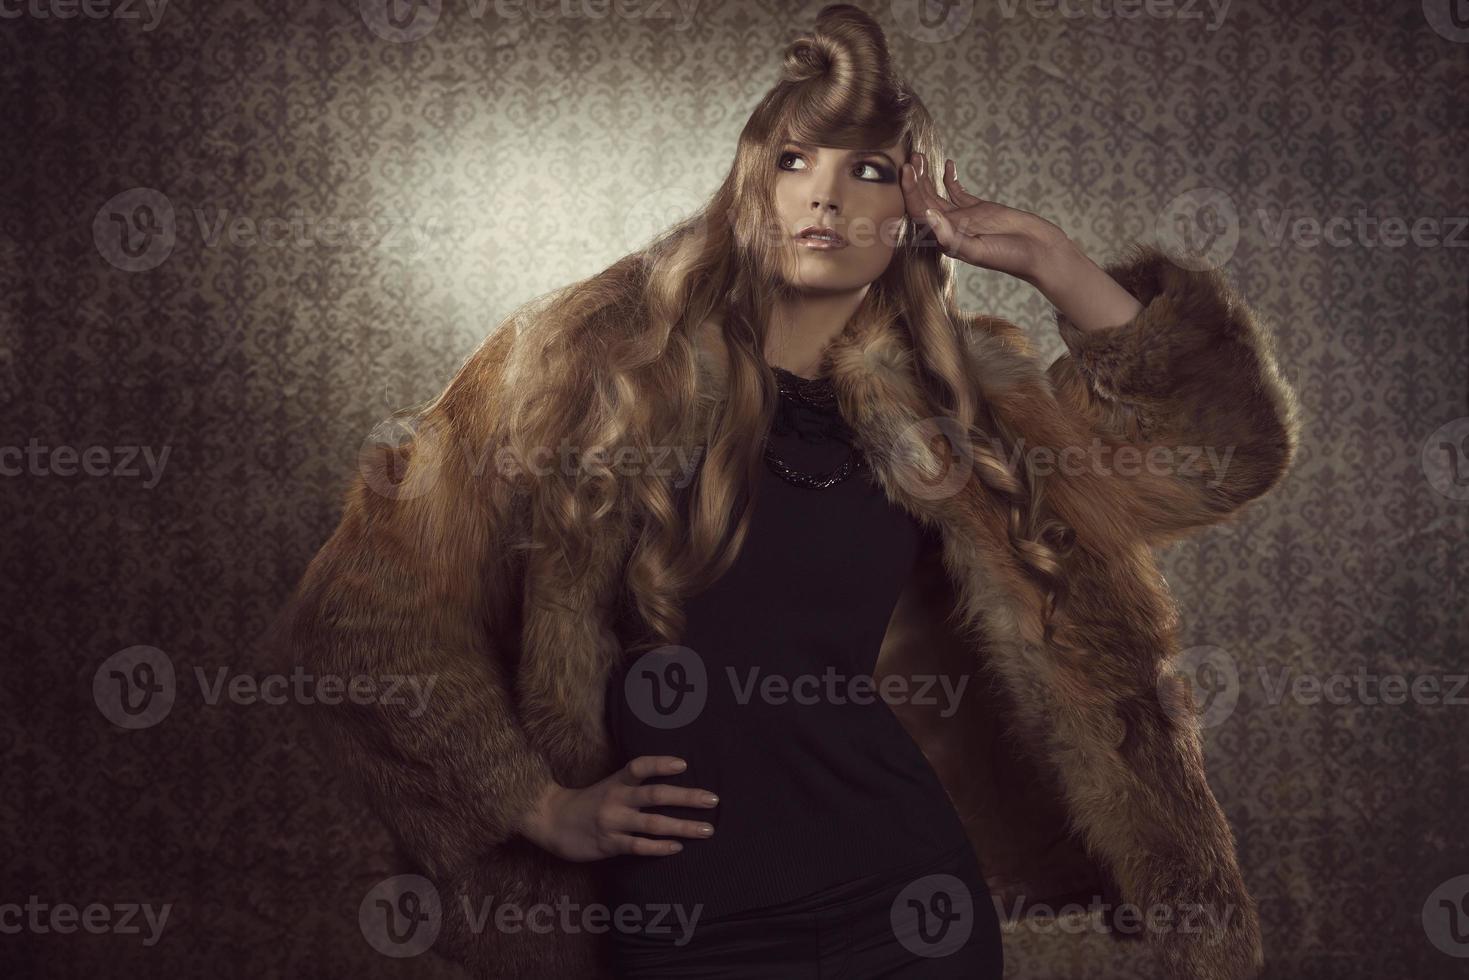 ragazza bionda con stile di moda invernale foto